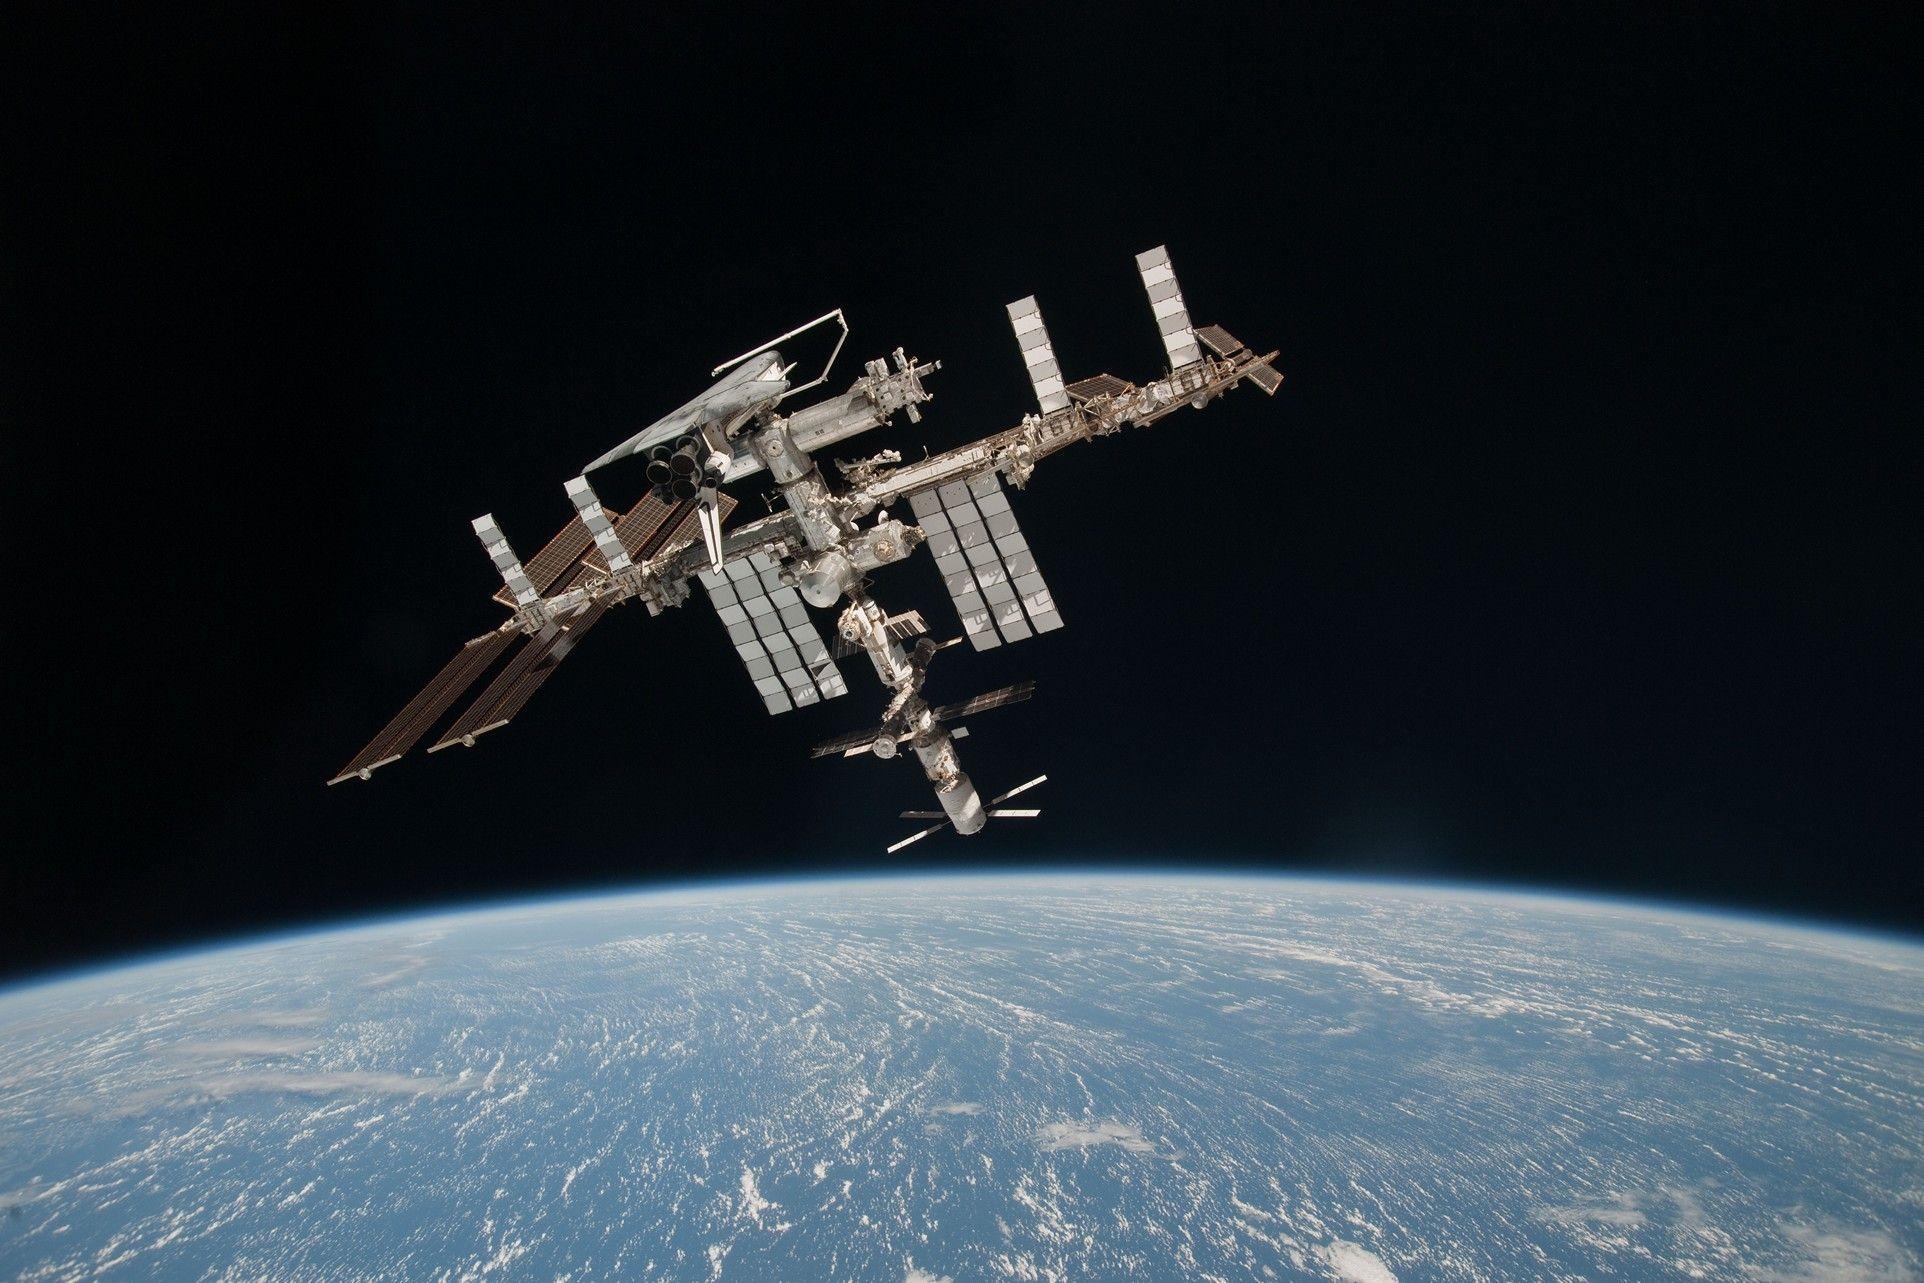 ISS : la capsule Cygnus d'Orbital s'est amarrée sans encombre